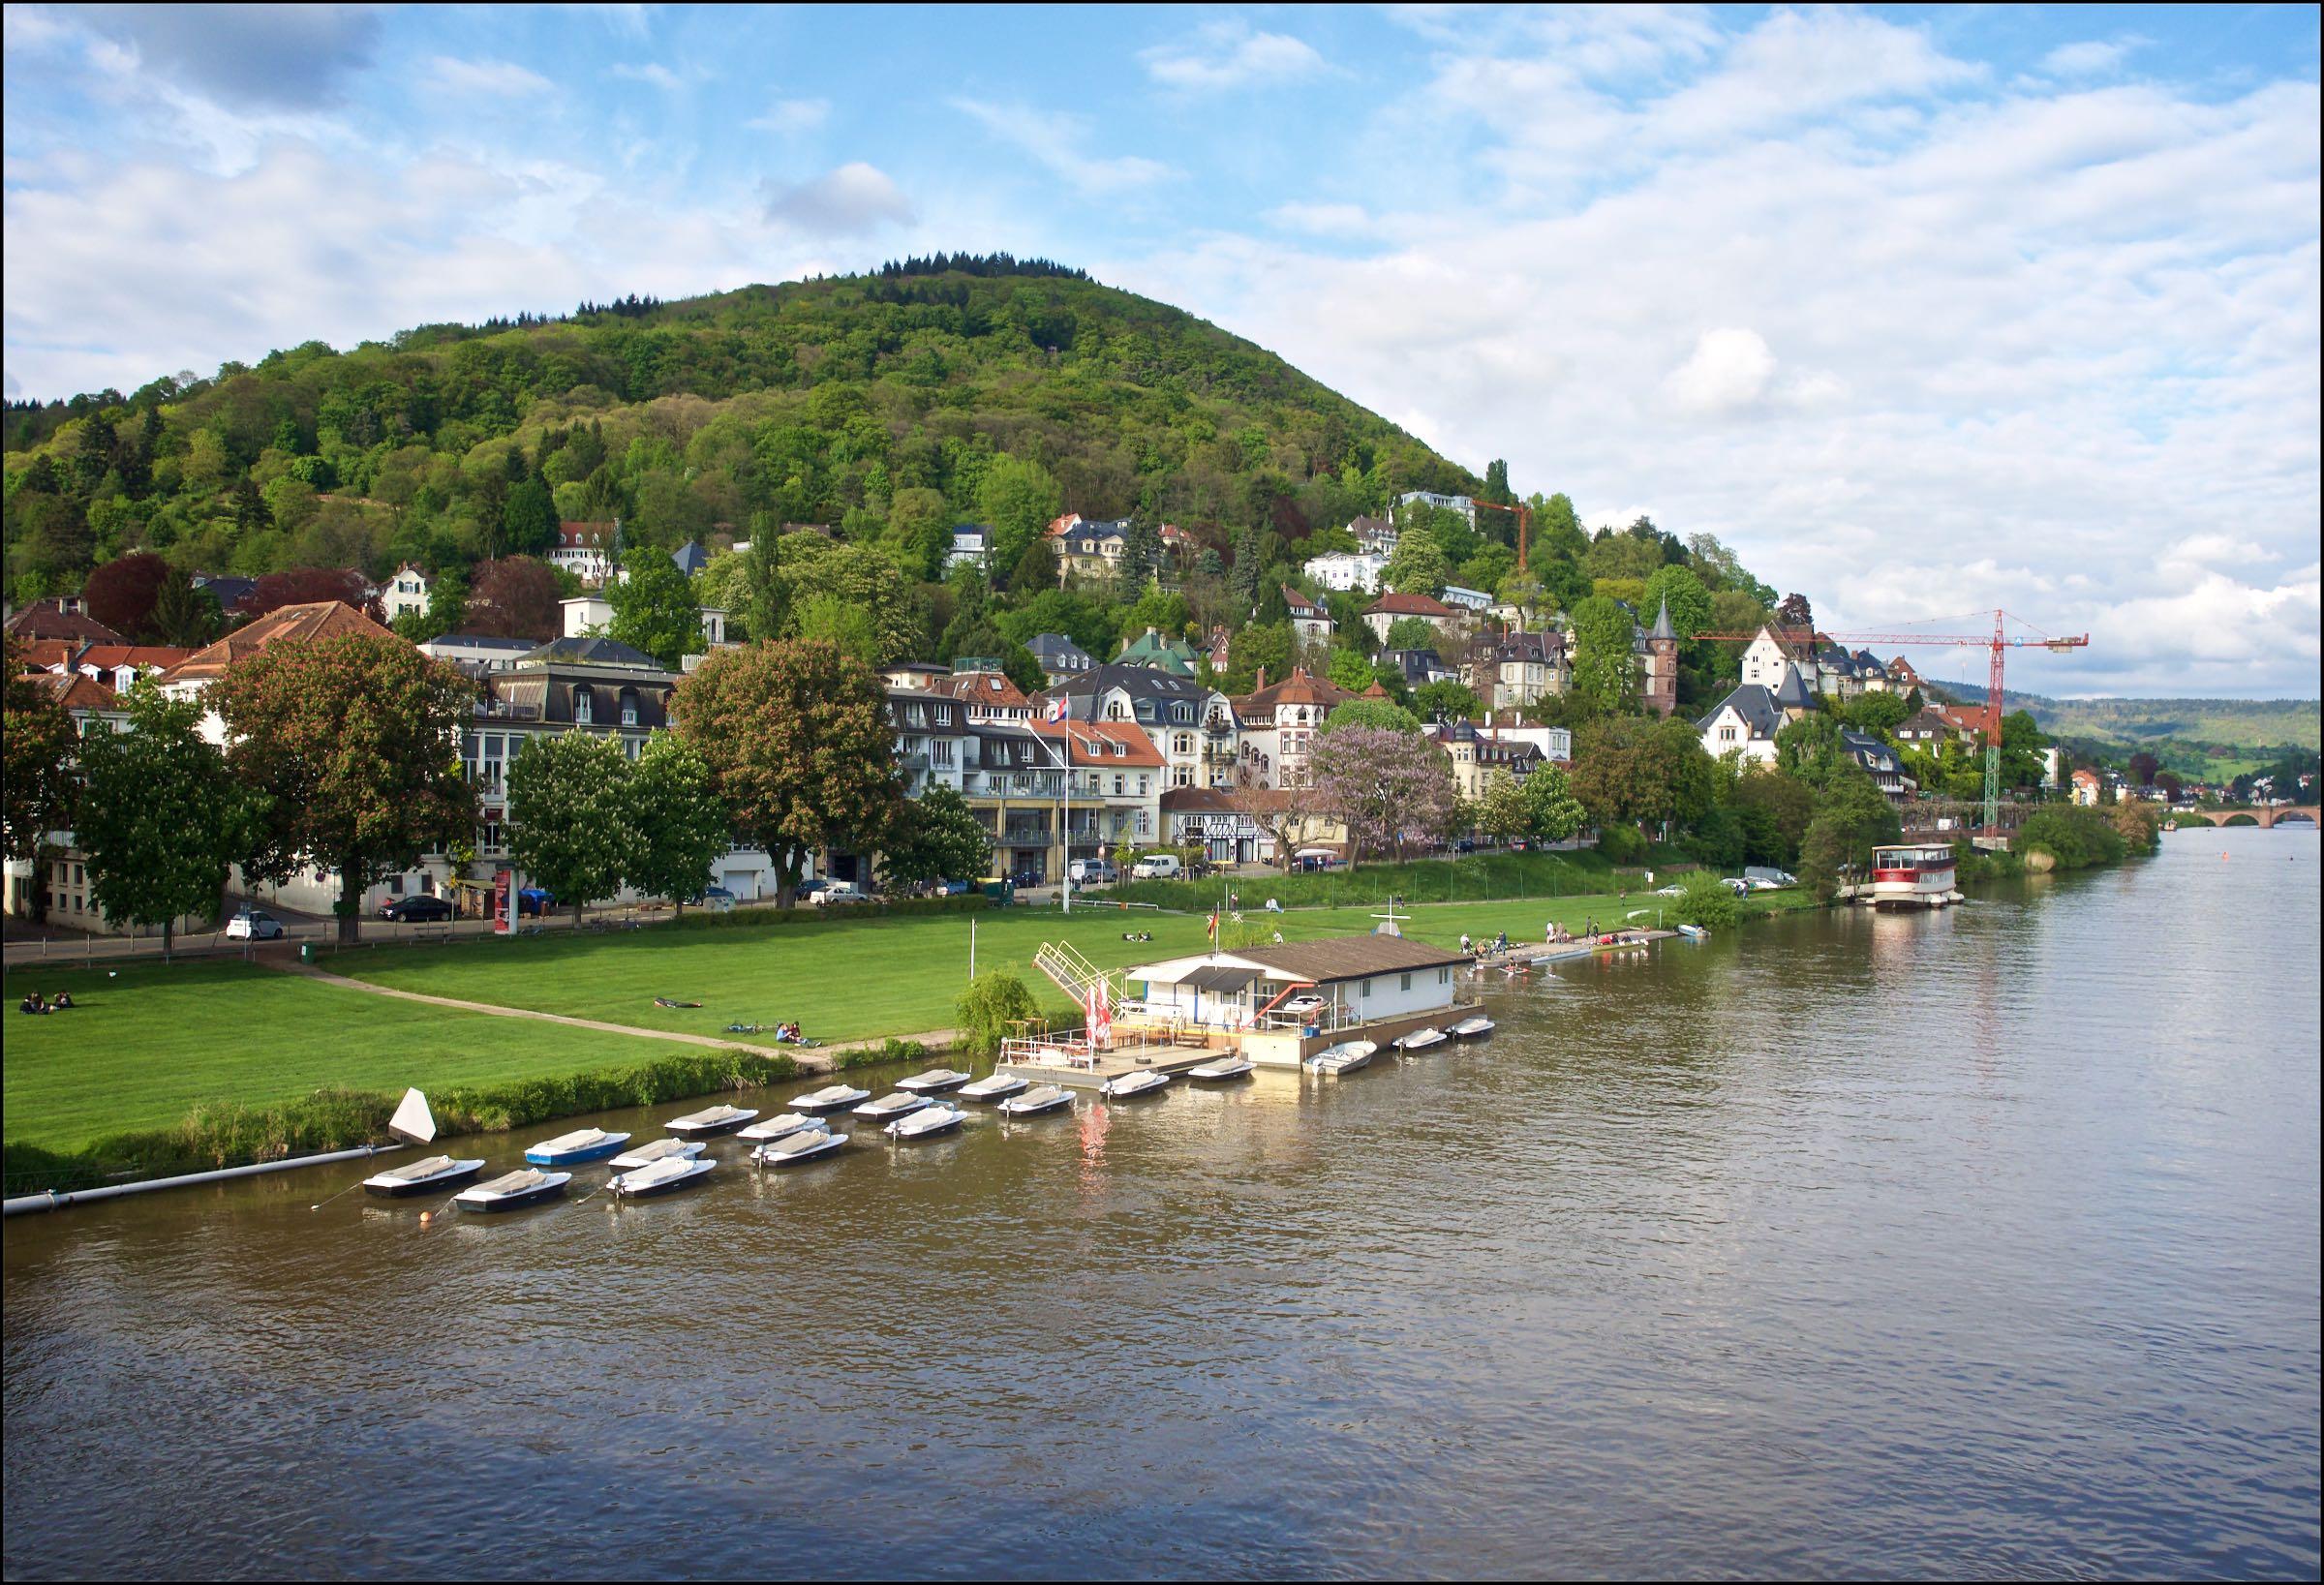 Neckar Shores